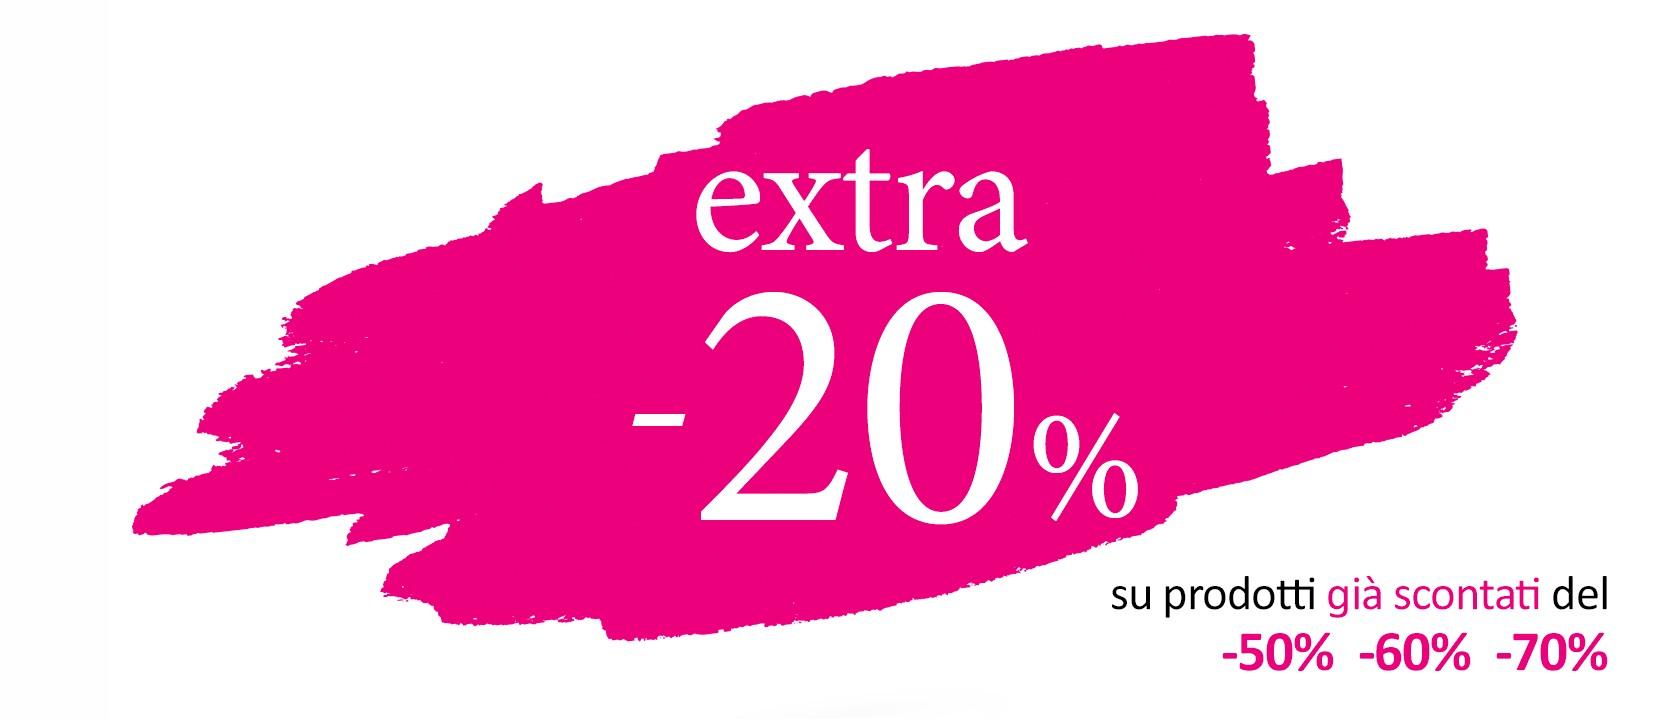 L'EXTRA -20% fa il bis!